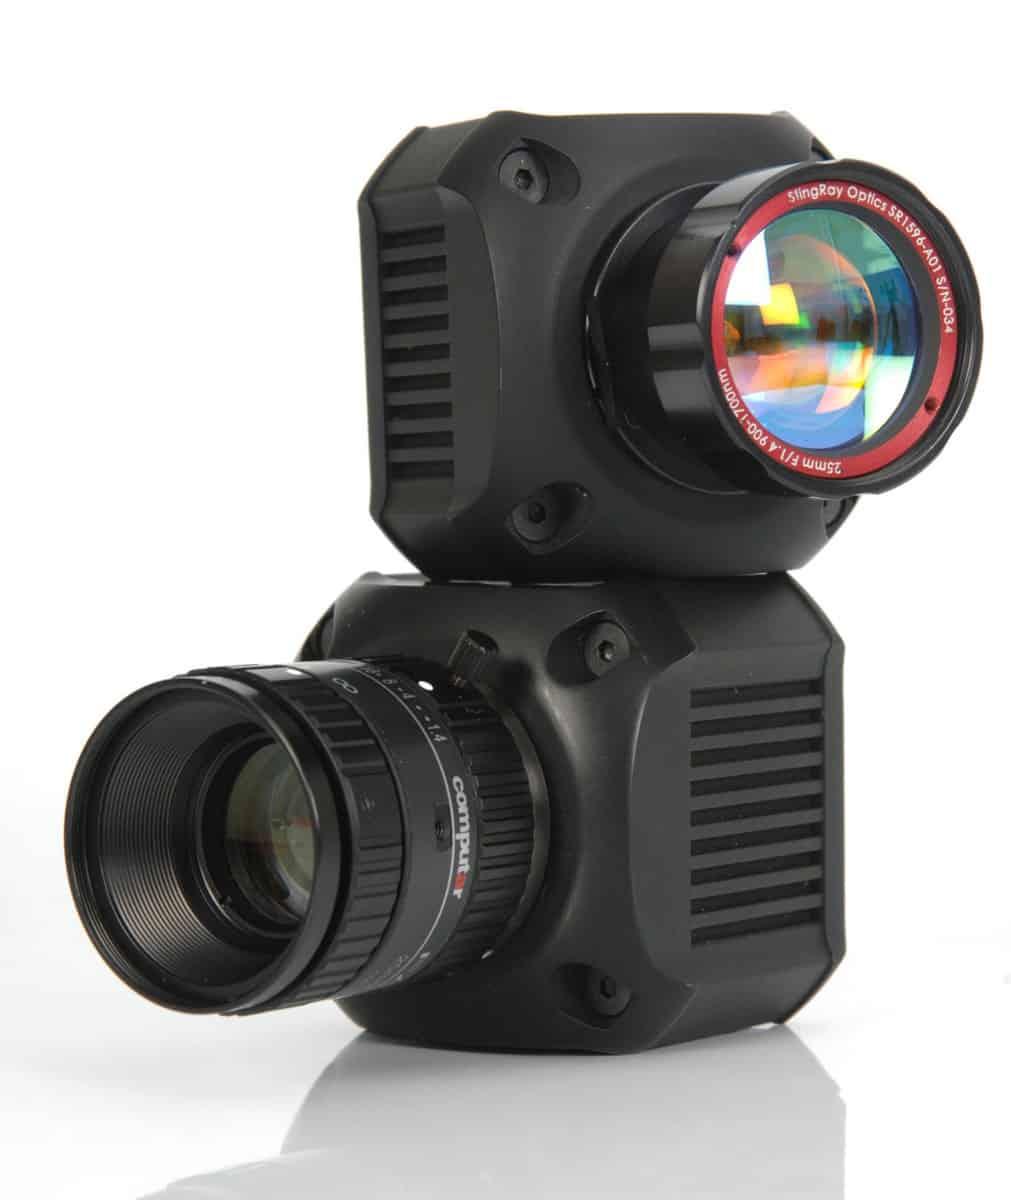 NIT CMOS cameras